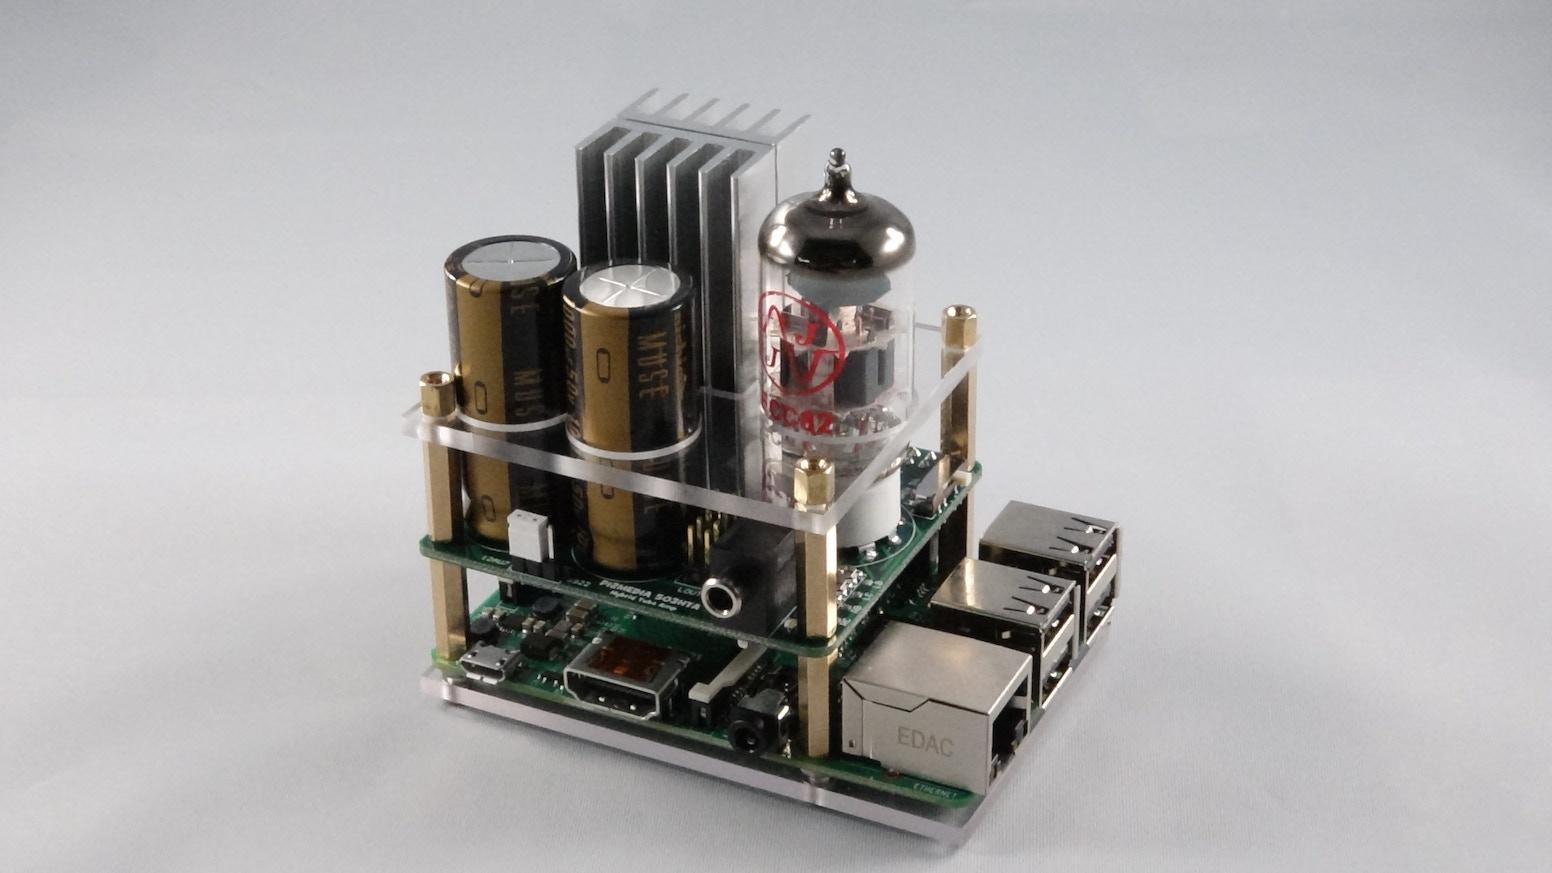 Hybrid Tube Amp for the Raspberry Pi by Pi 2 Design — Kickstarter